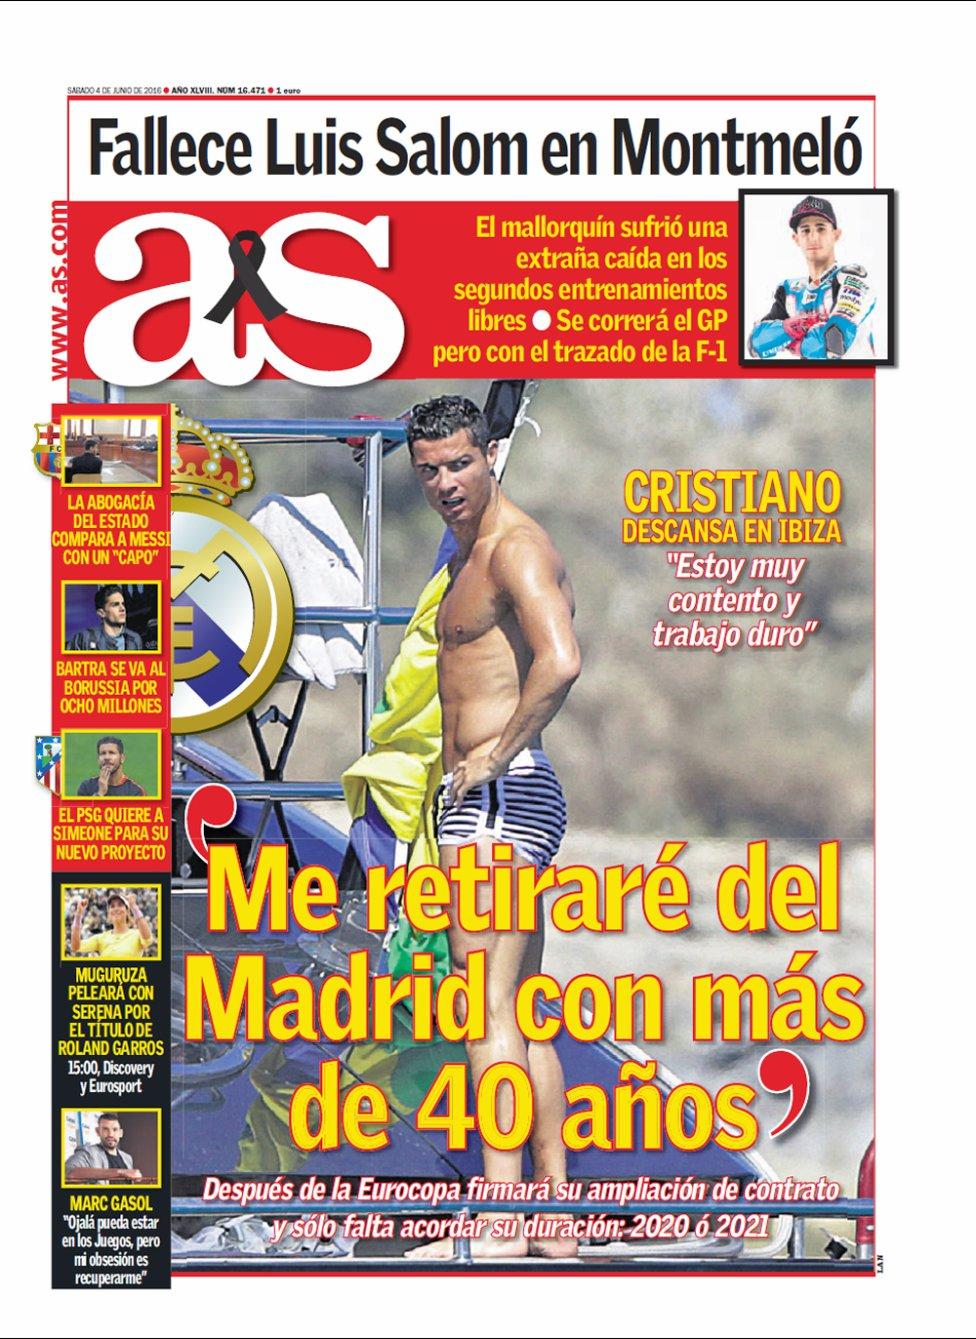 Luis Salom getötet in Montmelo. Aber für AS war besser die Front mit Cristiano im Badeanzug besetzen tragen tan. Hear erster Ordnung.